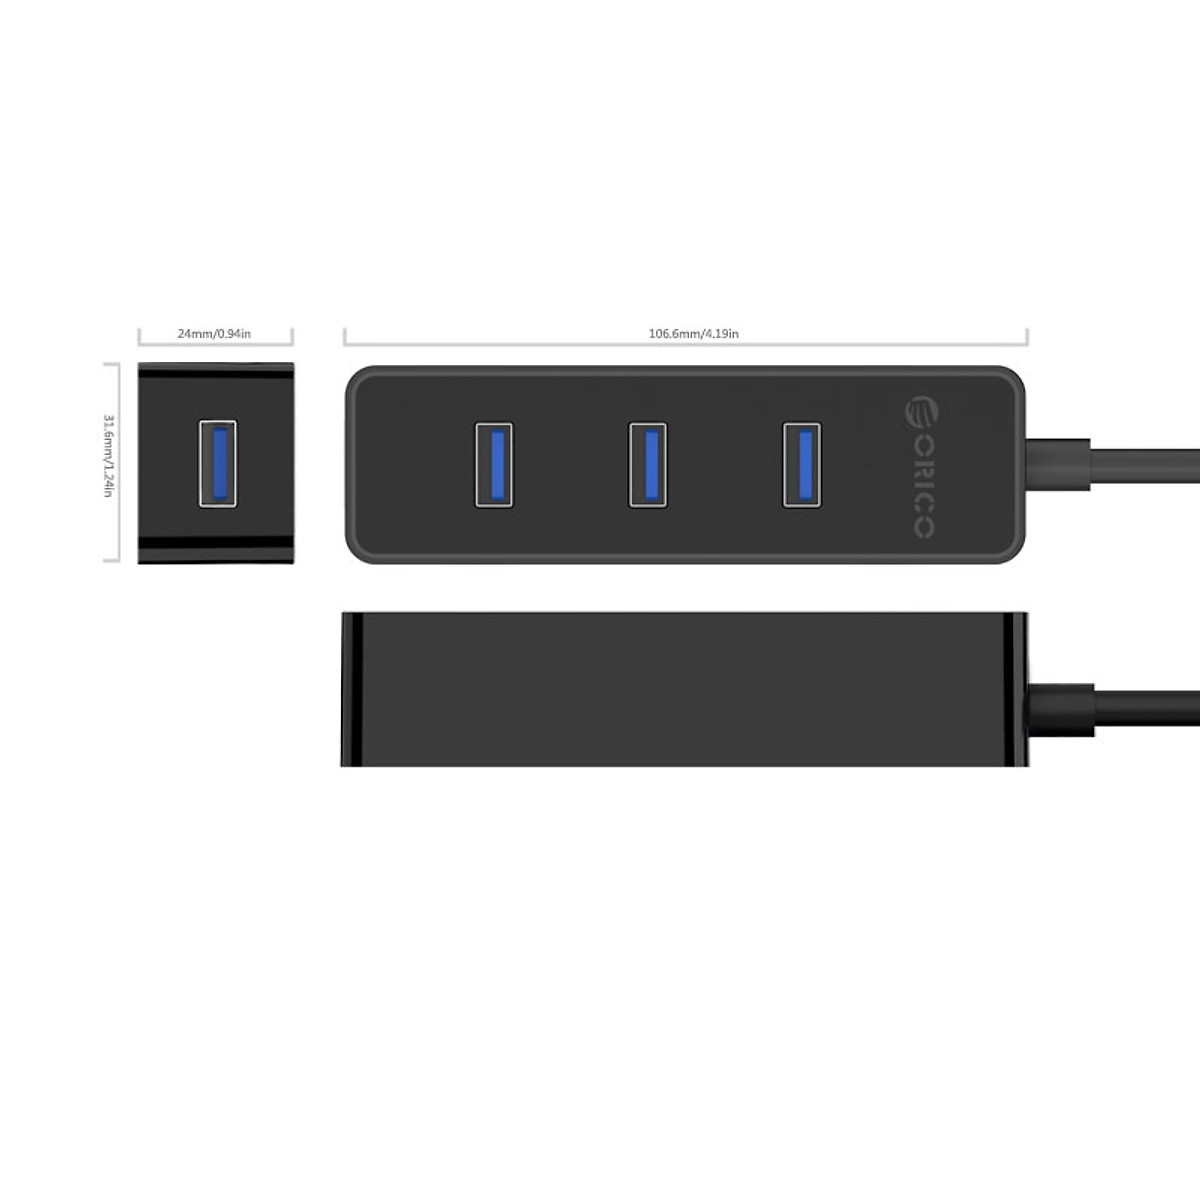 Hub chia usb Orico W5PH4 -U3, Bộ chia kết nối USB 3.0 ra 4 cổng - Hàng chính hãng